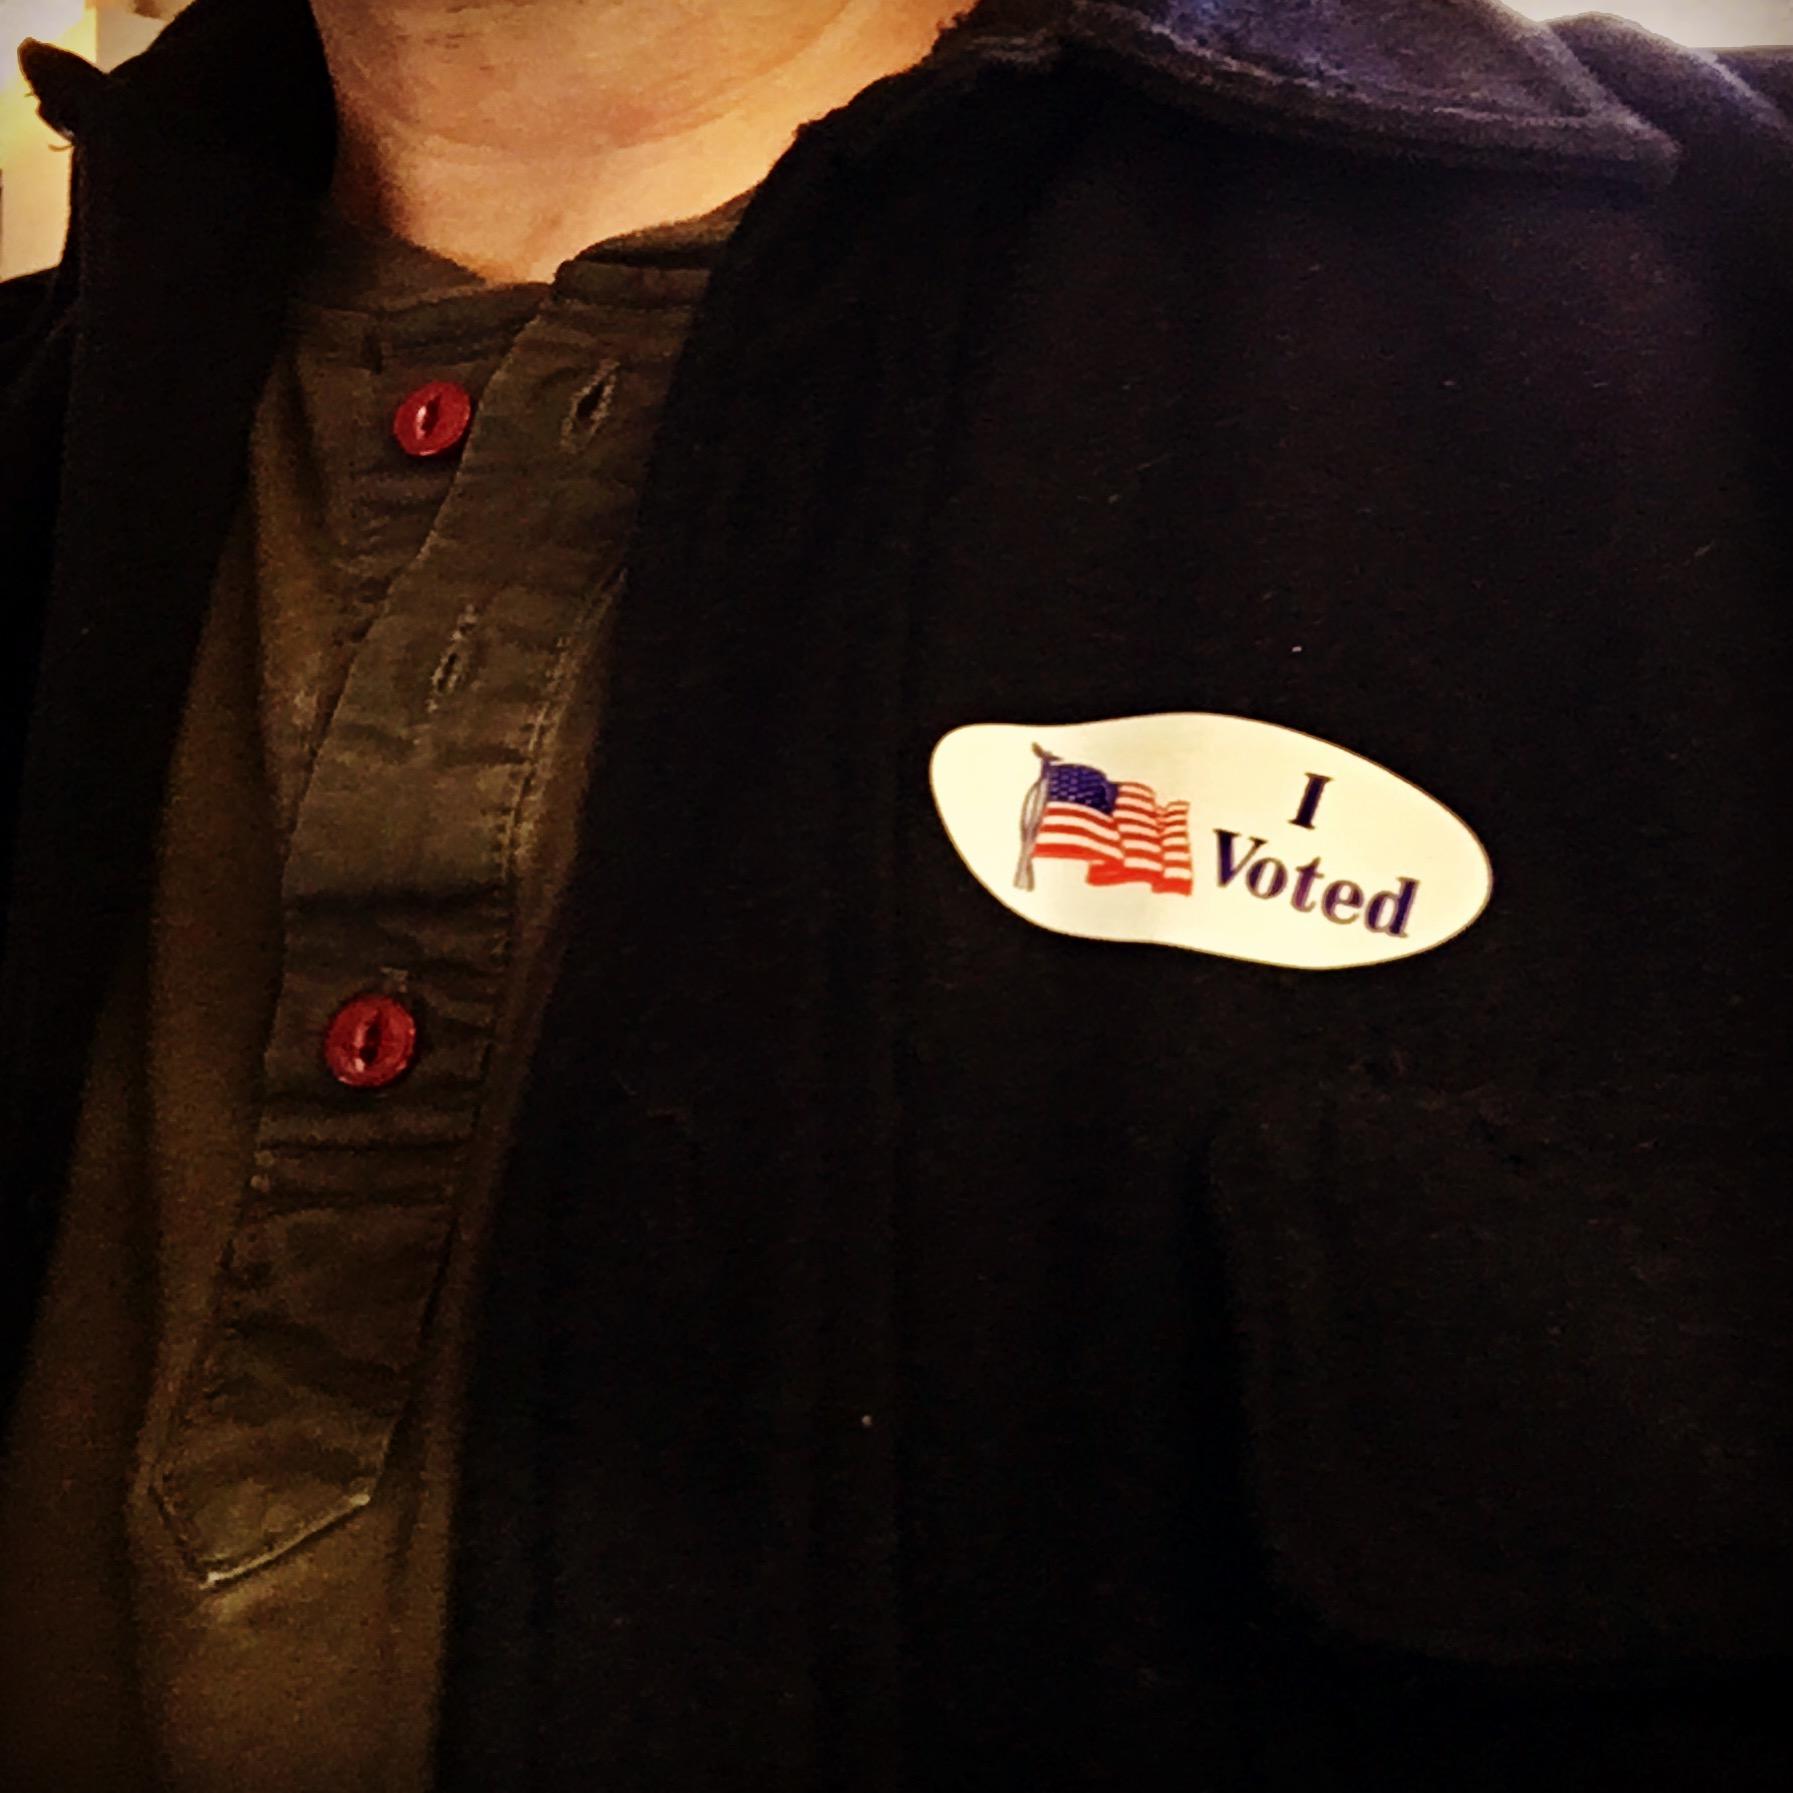 Vote for henleys!